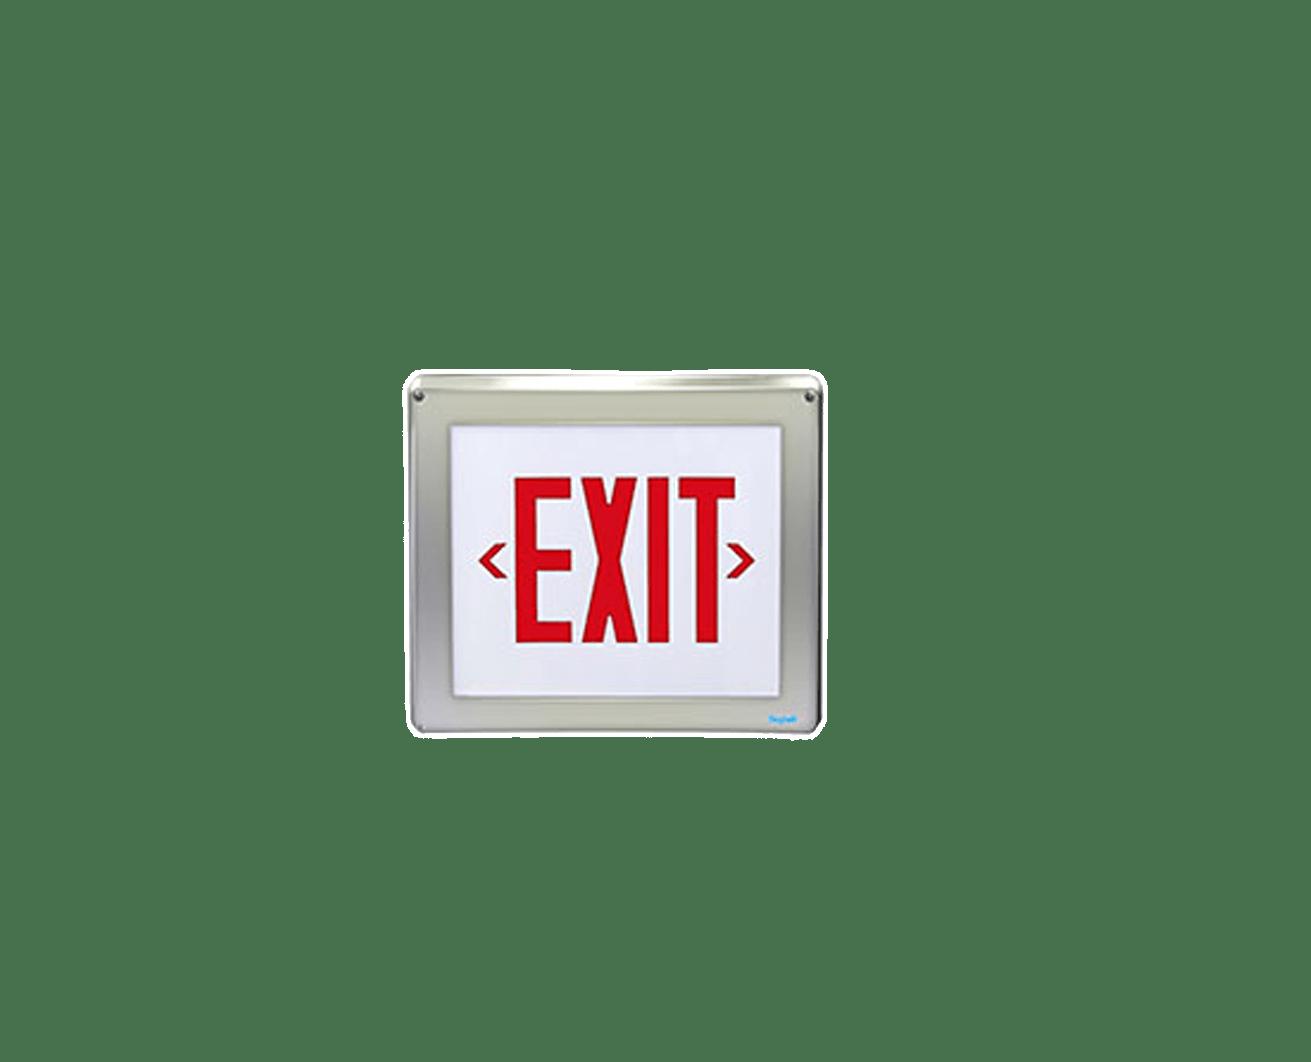 iluminacin de salida y emergencia para reas clasificadas  GOMAR BAJIO